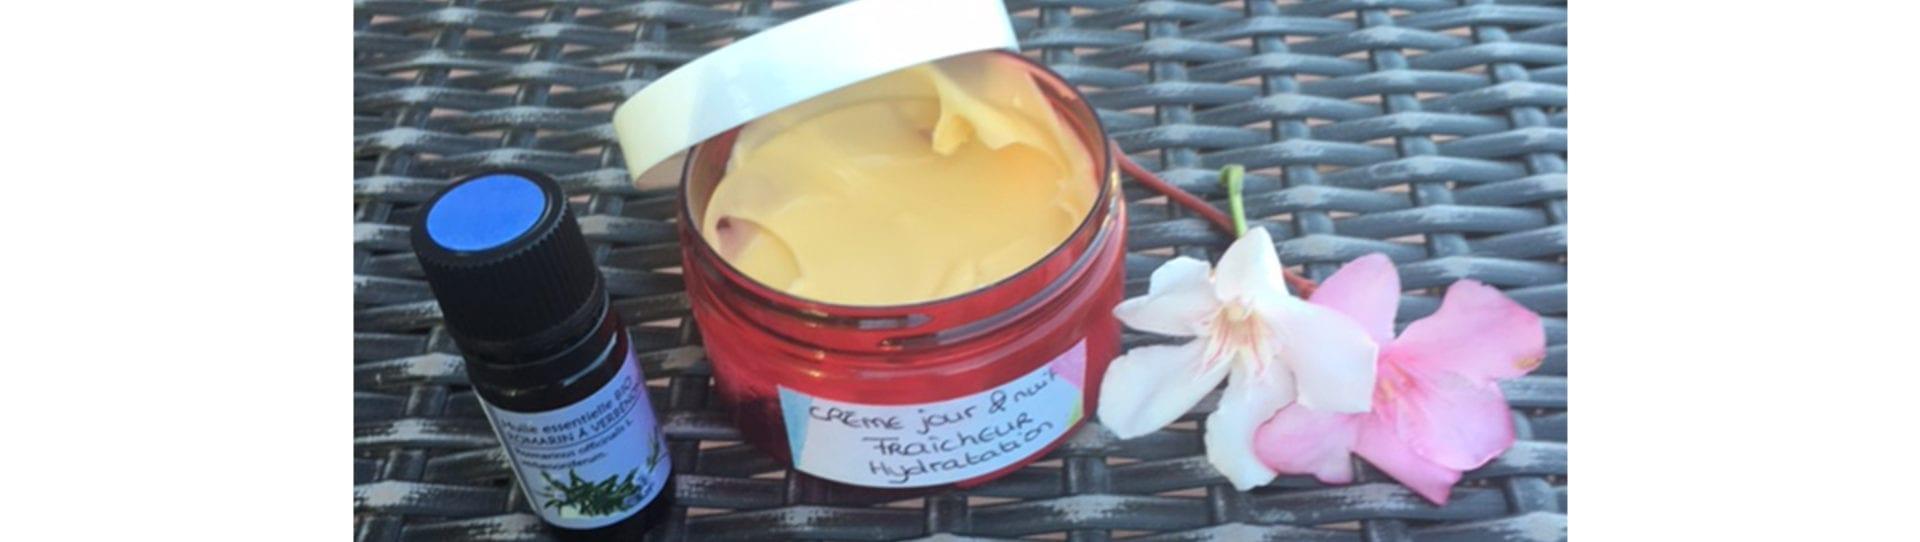 Crème Visage : Teint illuminé & peau hydratée jour / nuit